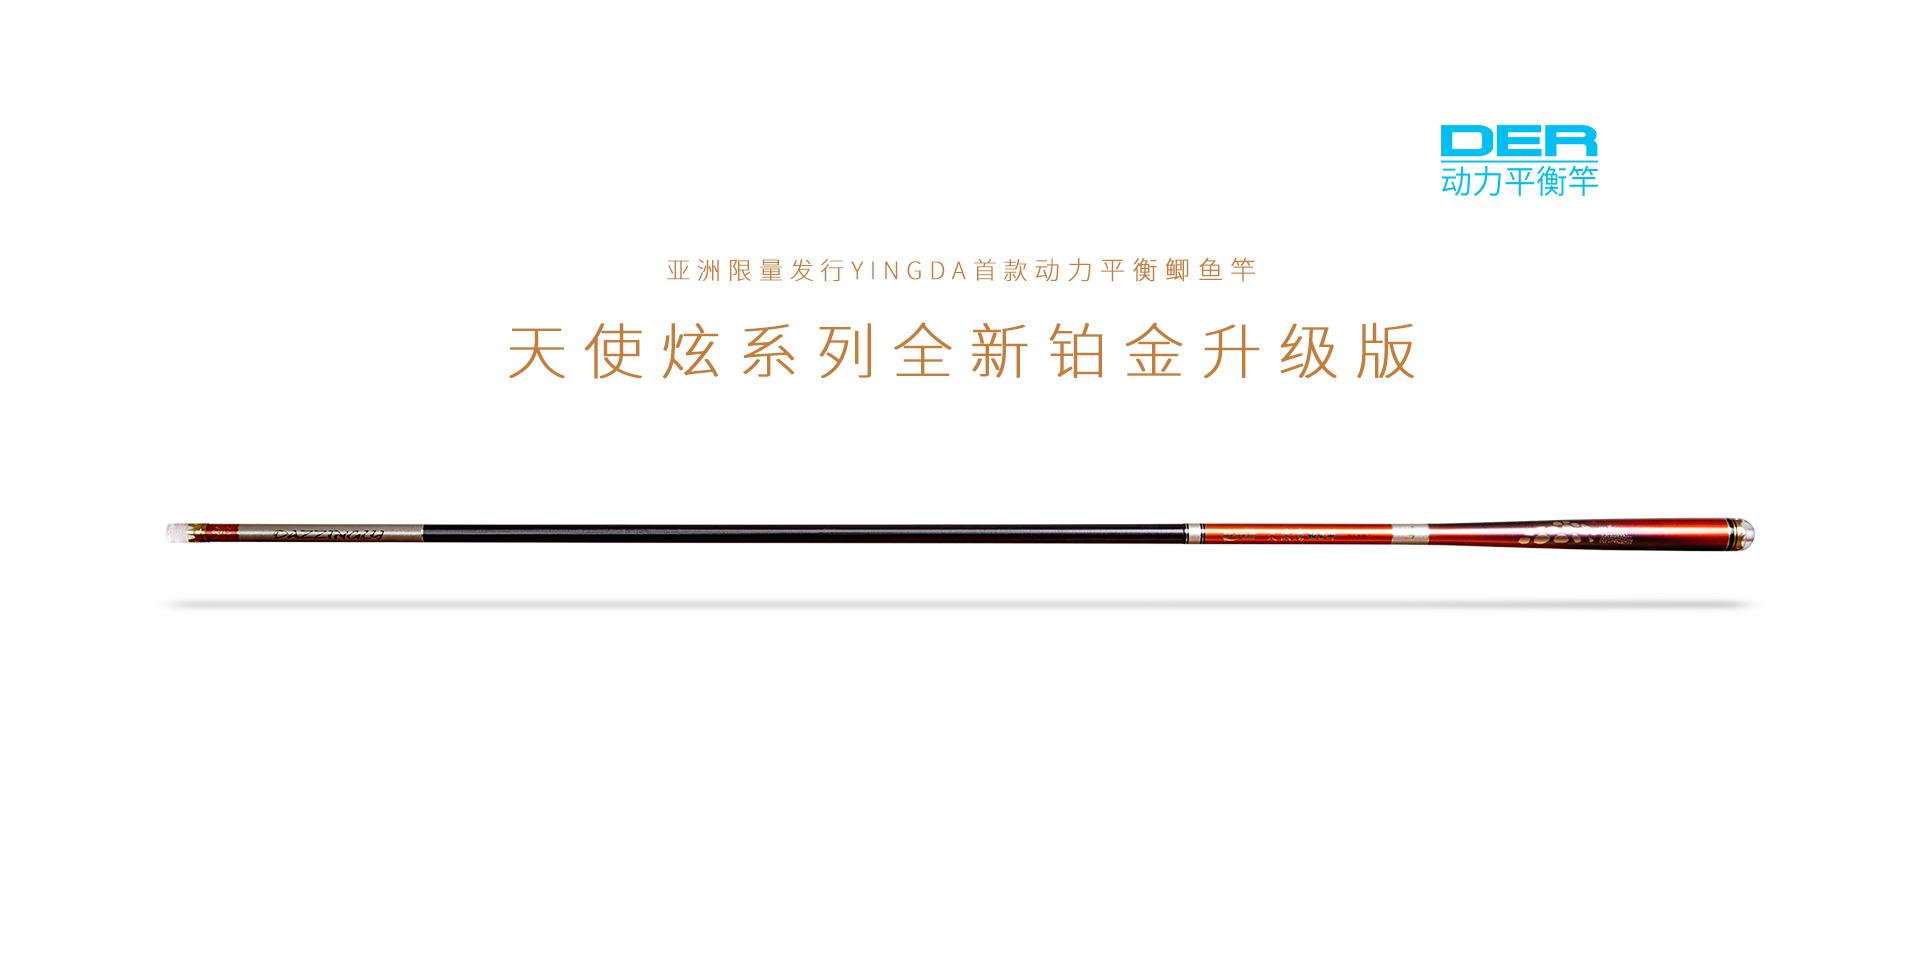 英大钓具亚洲限量发行YINGDA・DAZZINGLY・动力平衡系列新品――天使炫・铂金鲫,品质型动力平衡综合竿・鲫鱼专属。